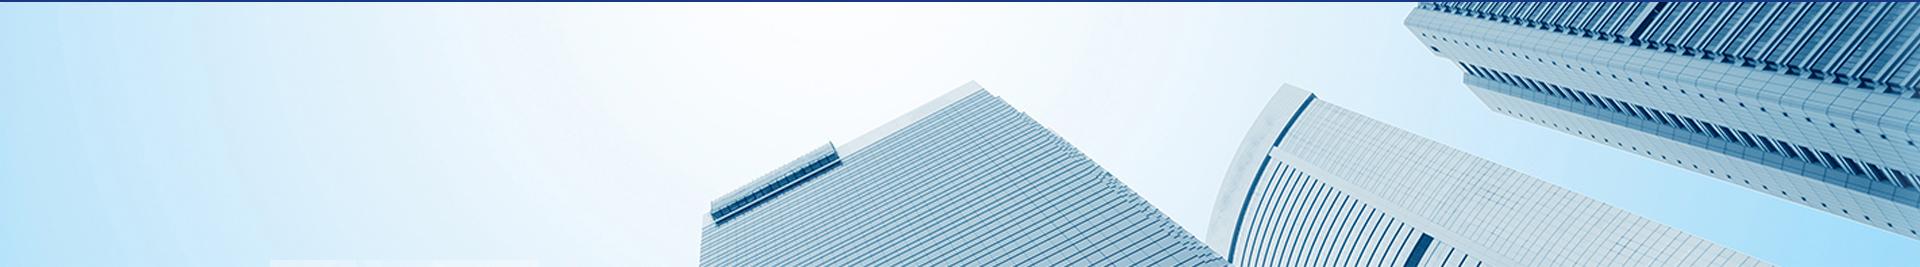 产品世界banner